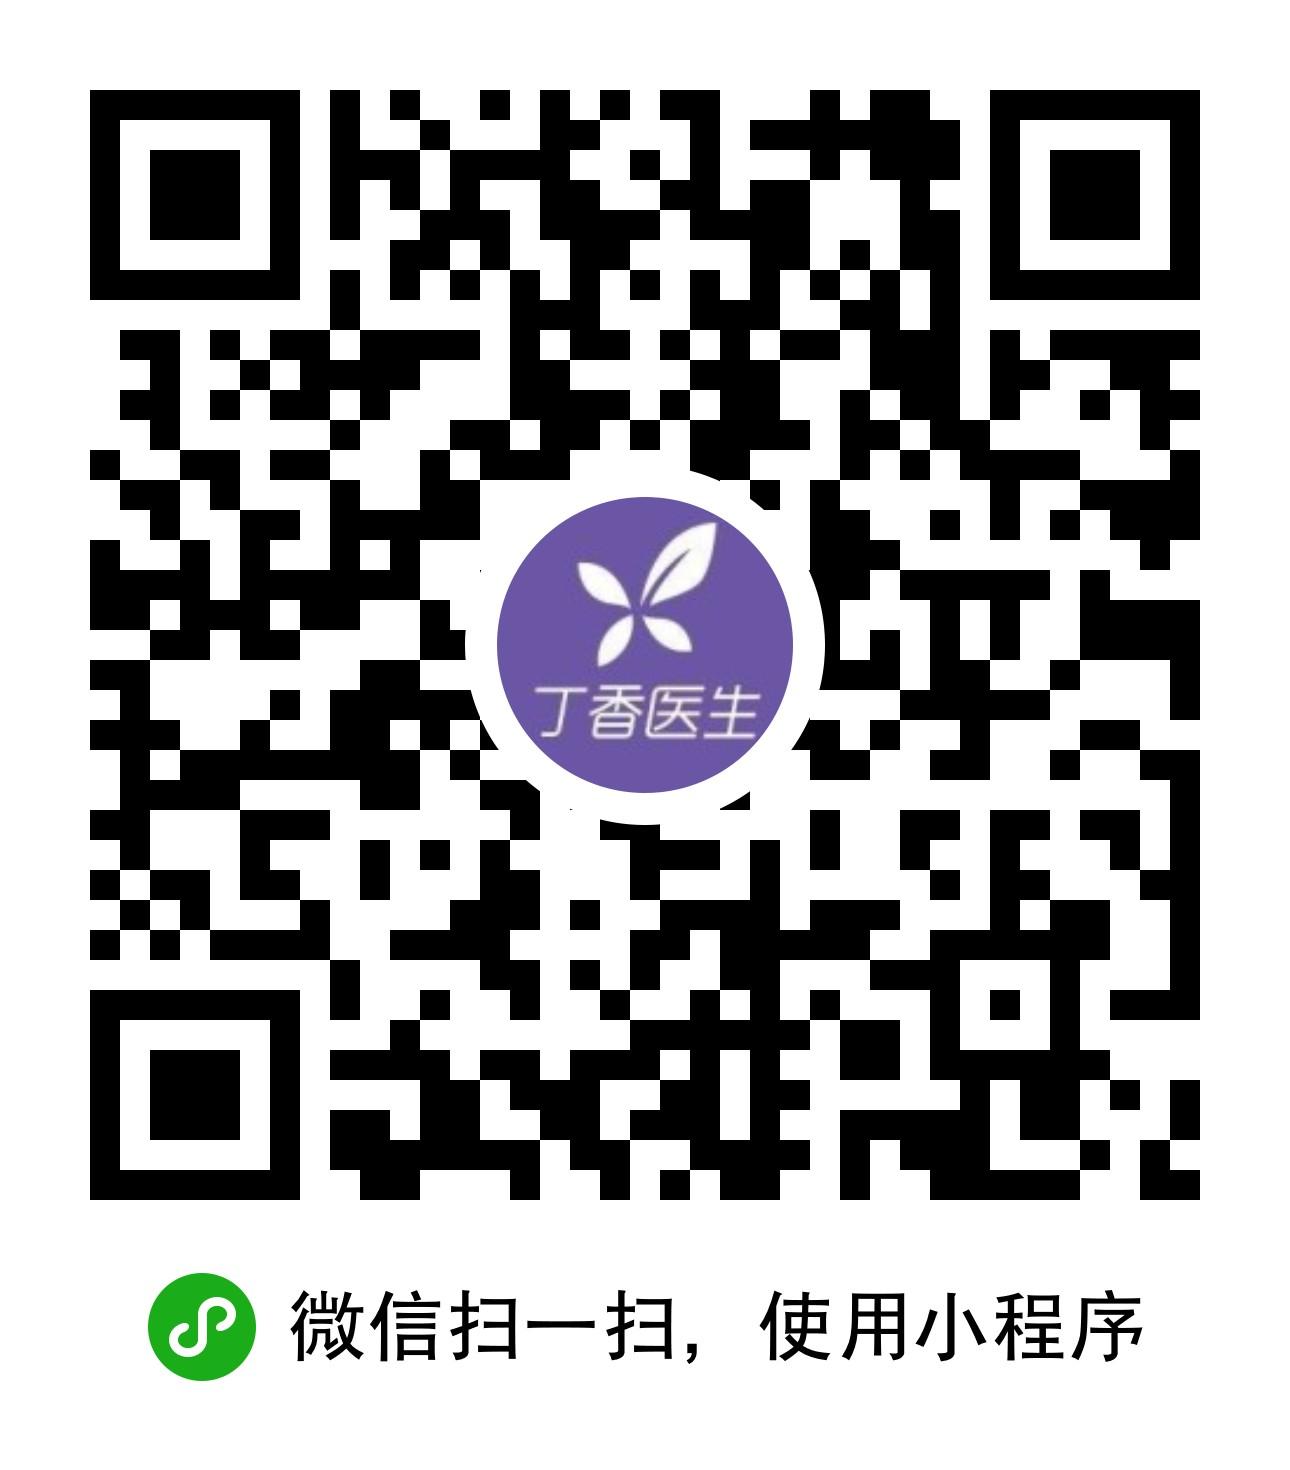 丁香医生+小程序二维码